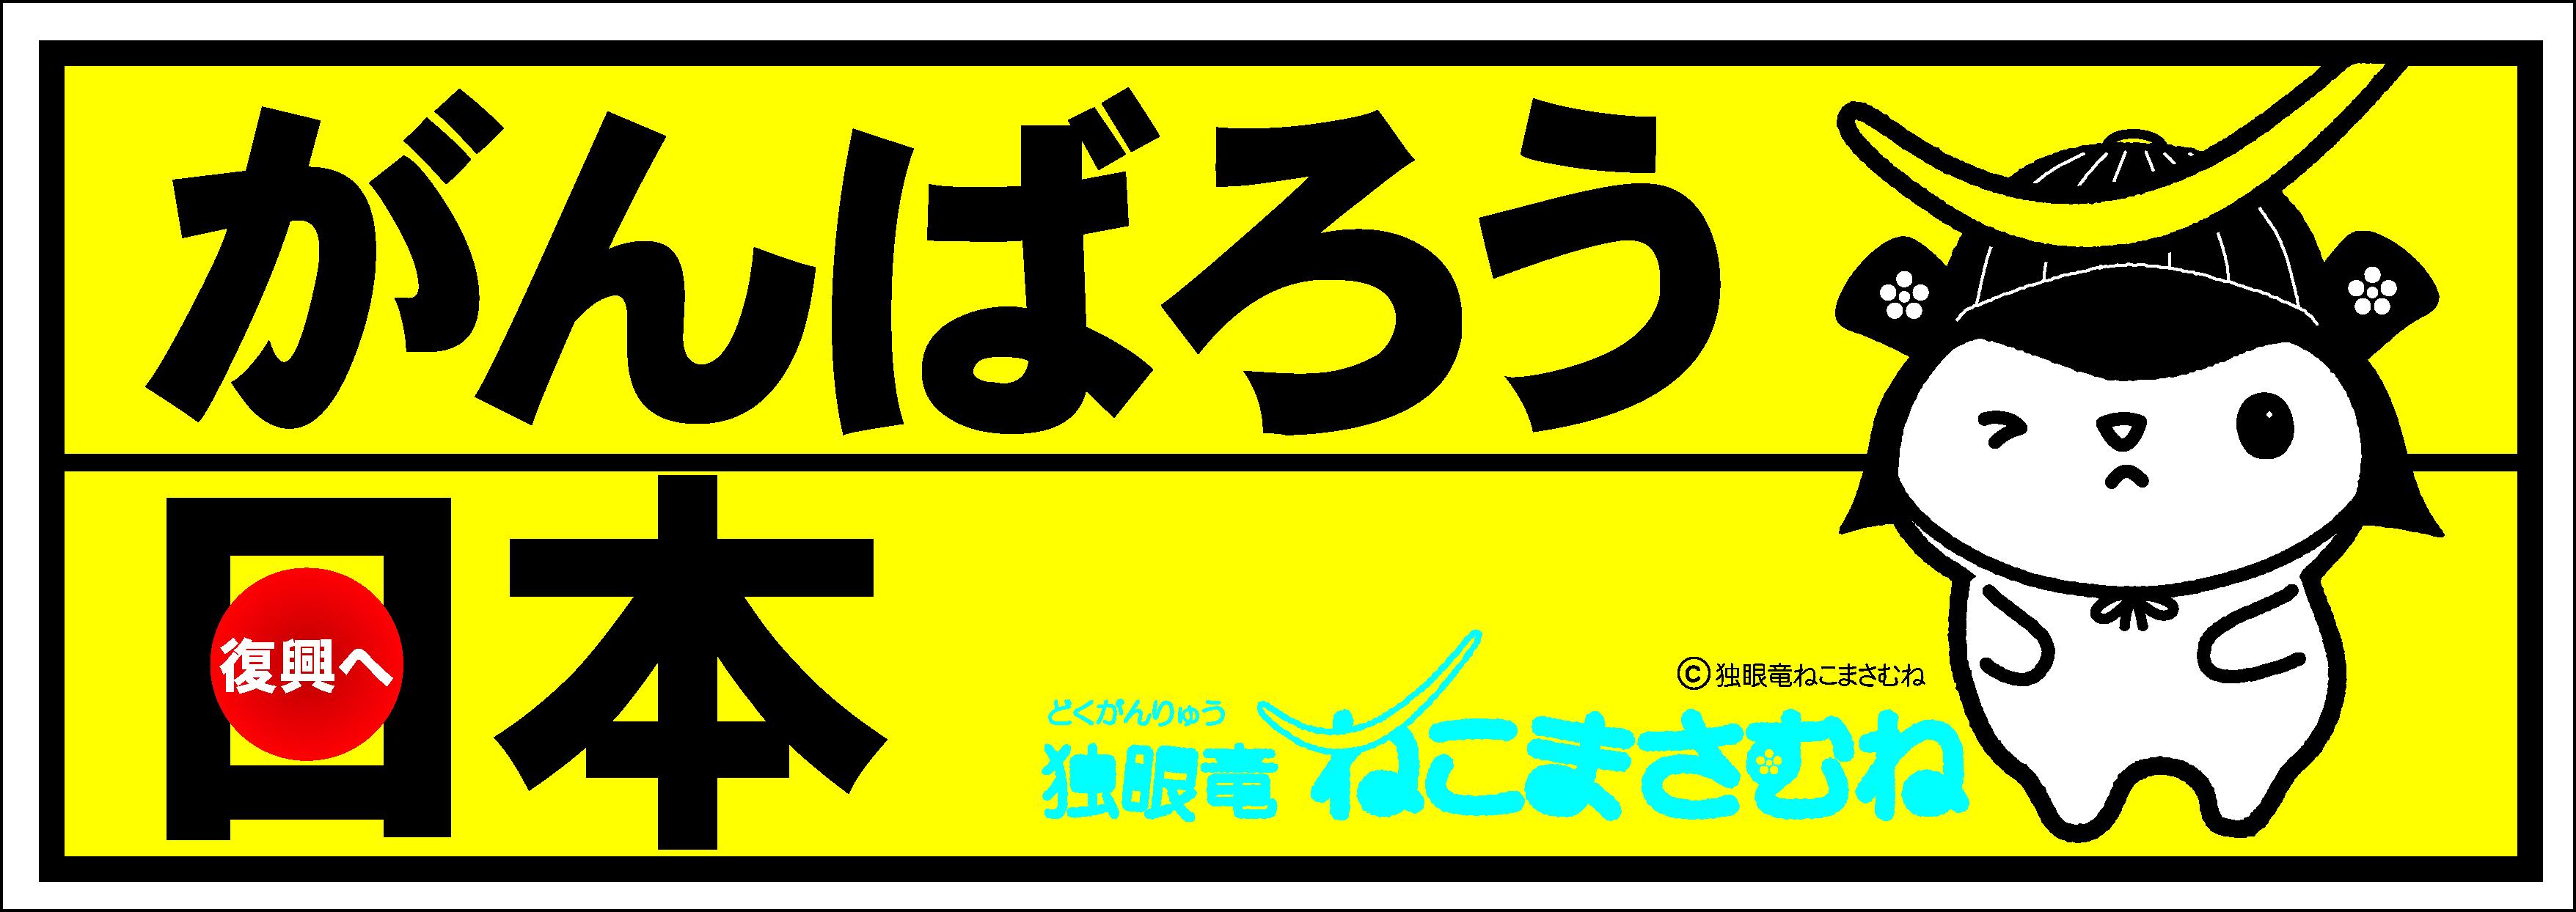 復興支援「がんばろう日本」ロゴポスター画像